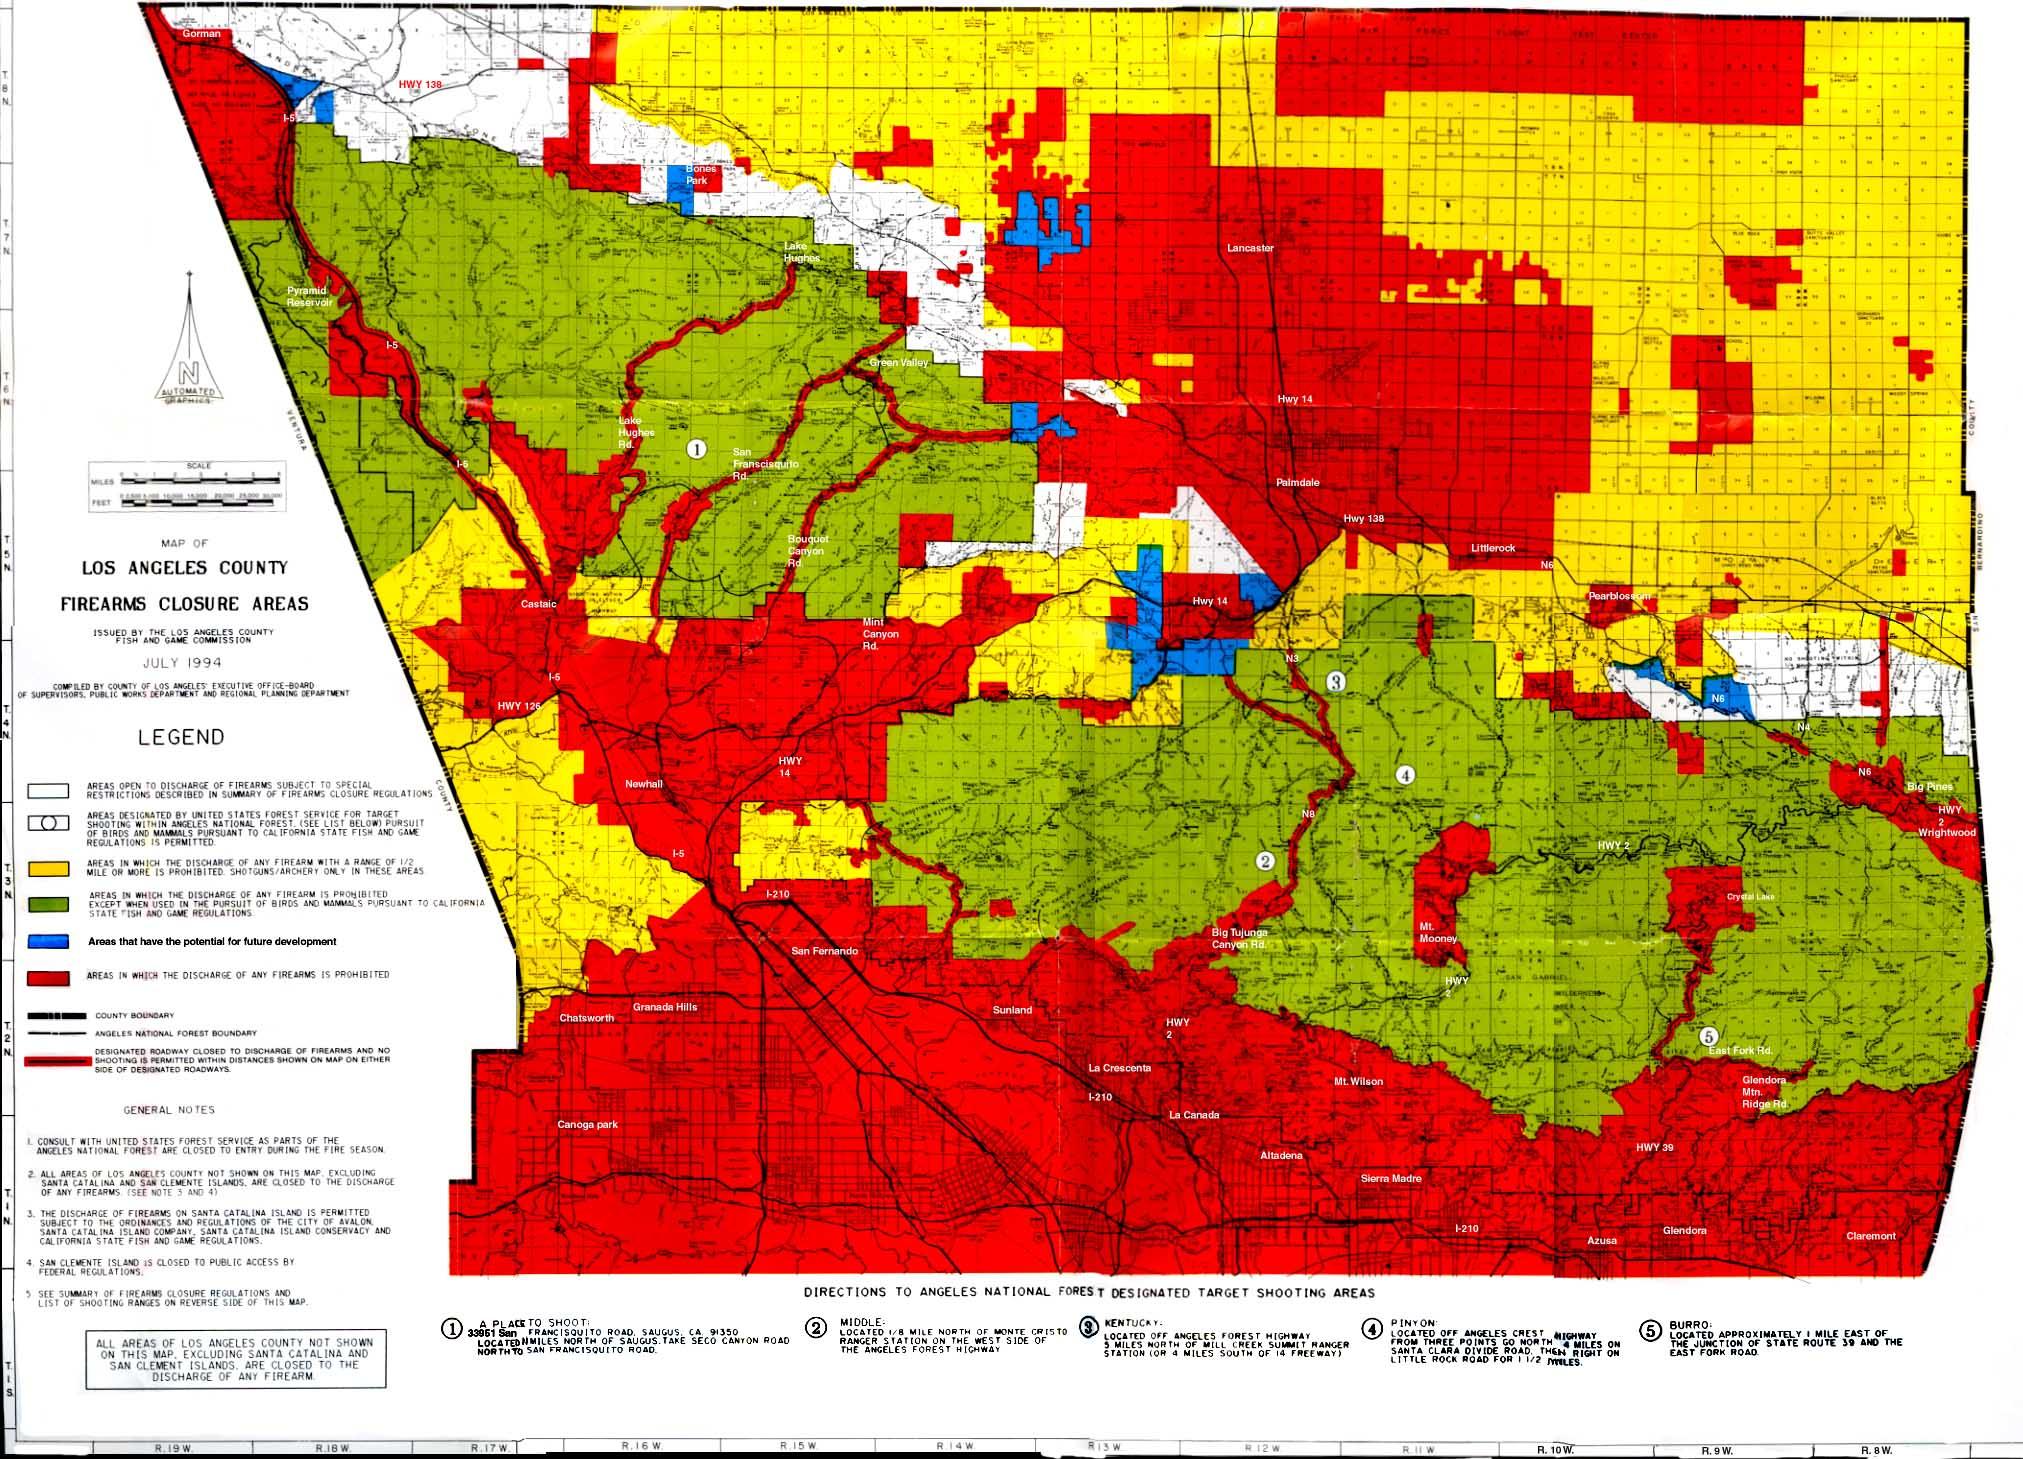 Blm Maps California California River Map Blm Map California Maps - Blm Map California